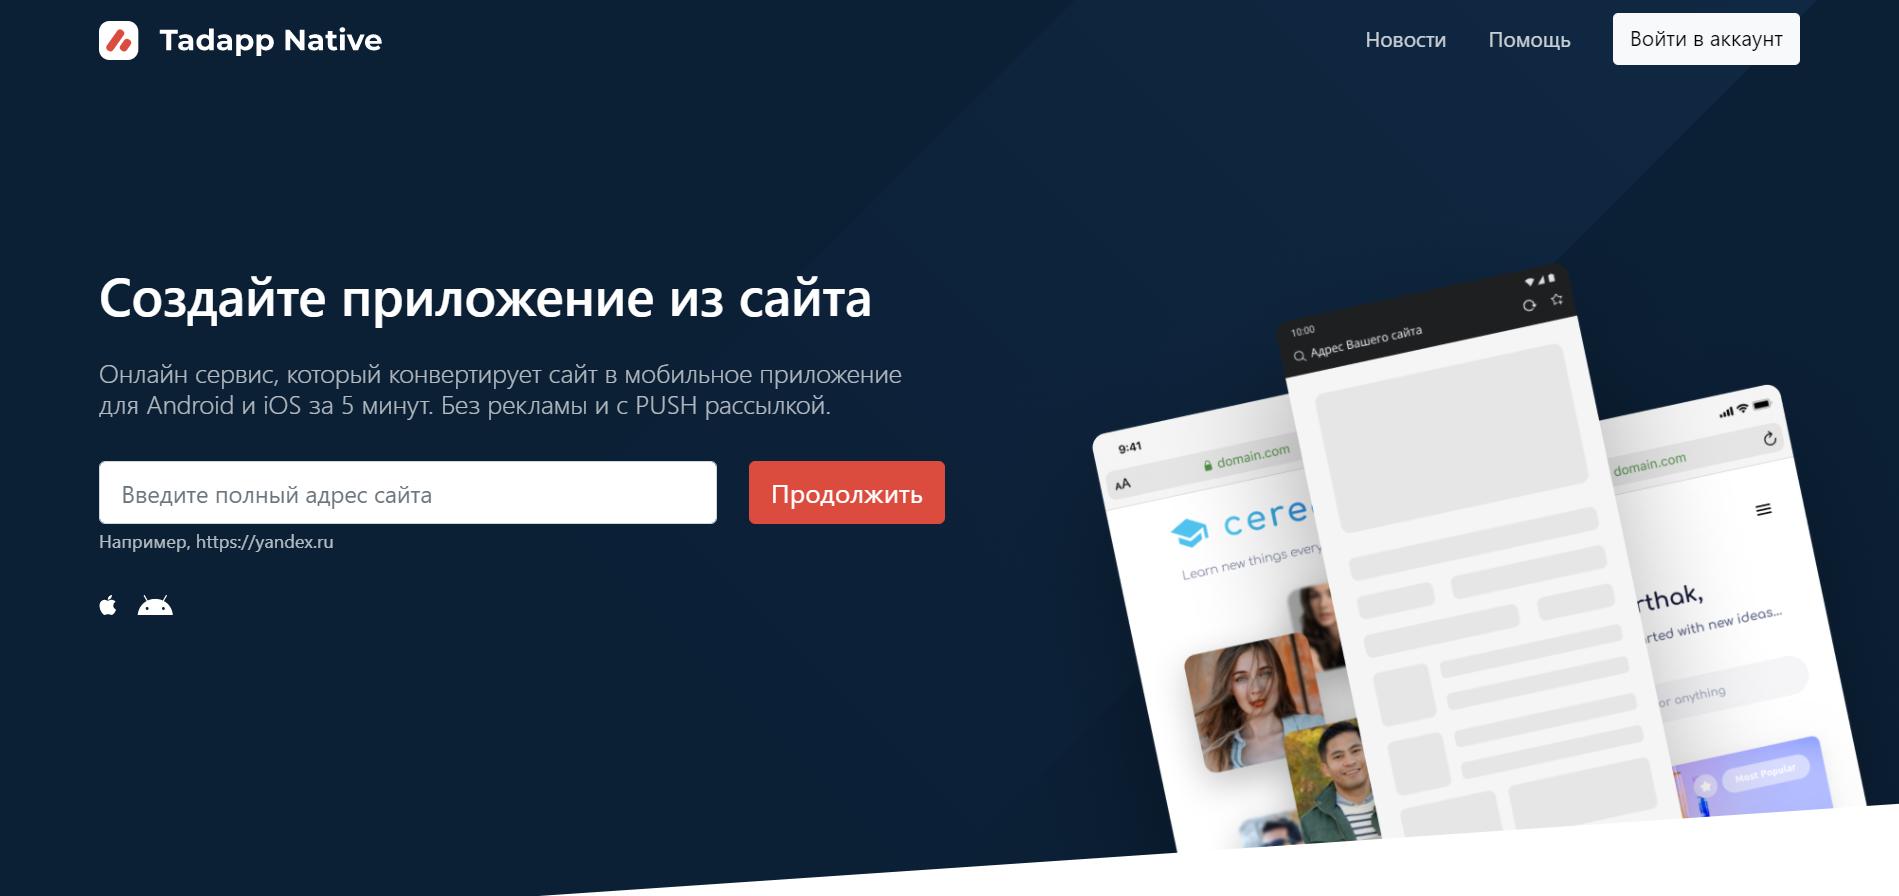 Tadapp Native сервис для создания приложения из сайта